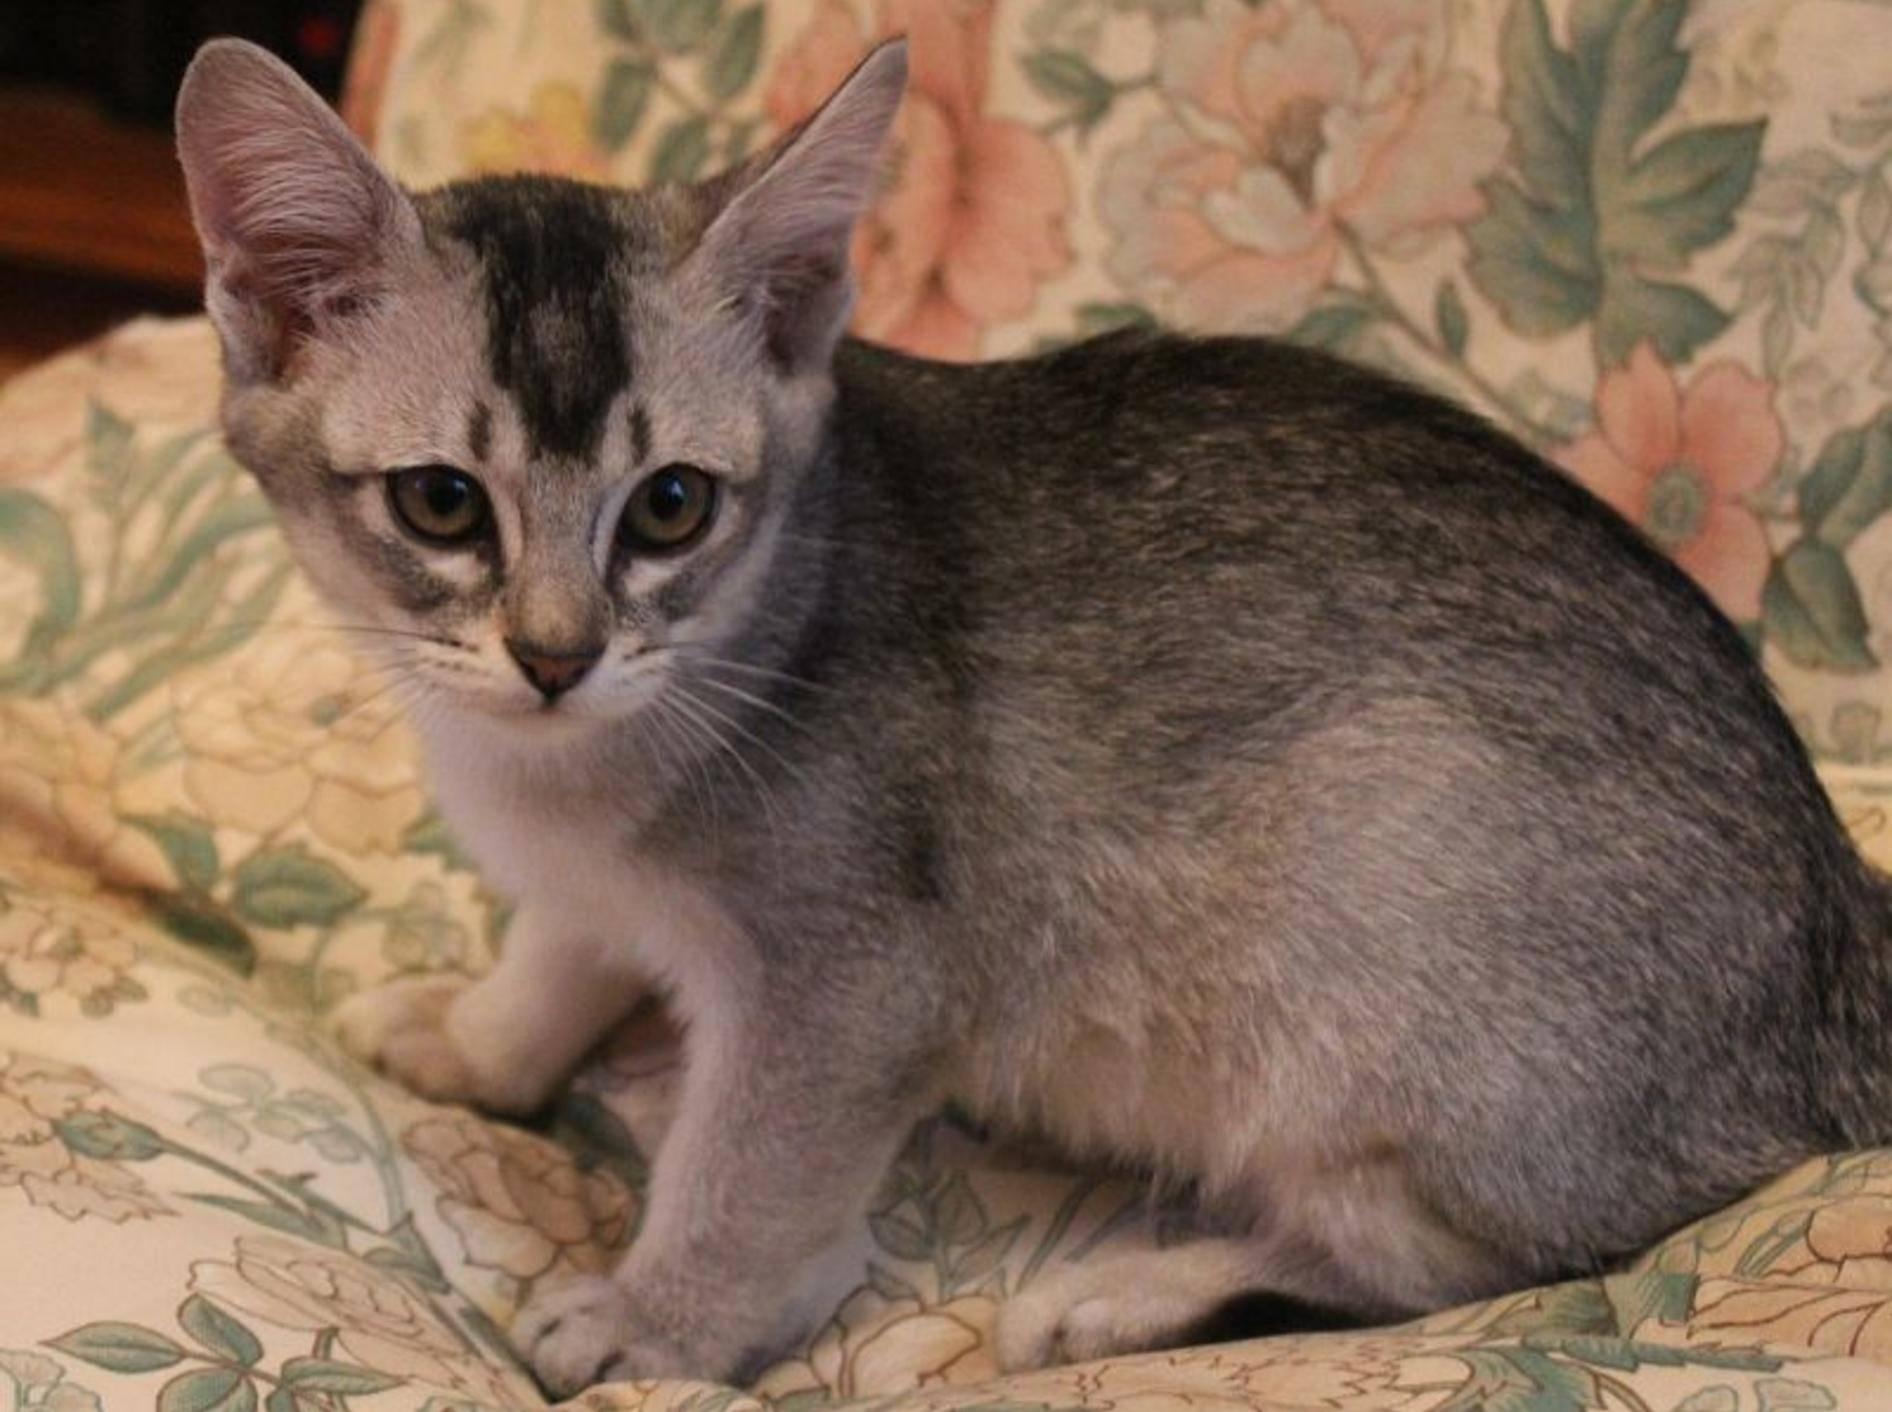 Die Burmilla: Eine schöne, verschmuste und verspielte Katze – Bild: (CC) Flickr / Sarah Joy (Joybot) / https://www.flickr.com/photos/joybot/